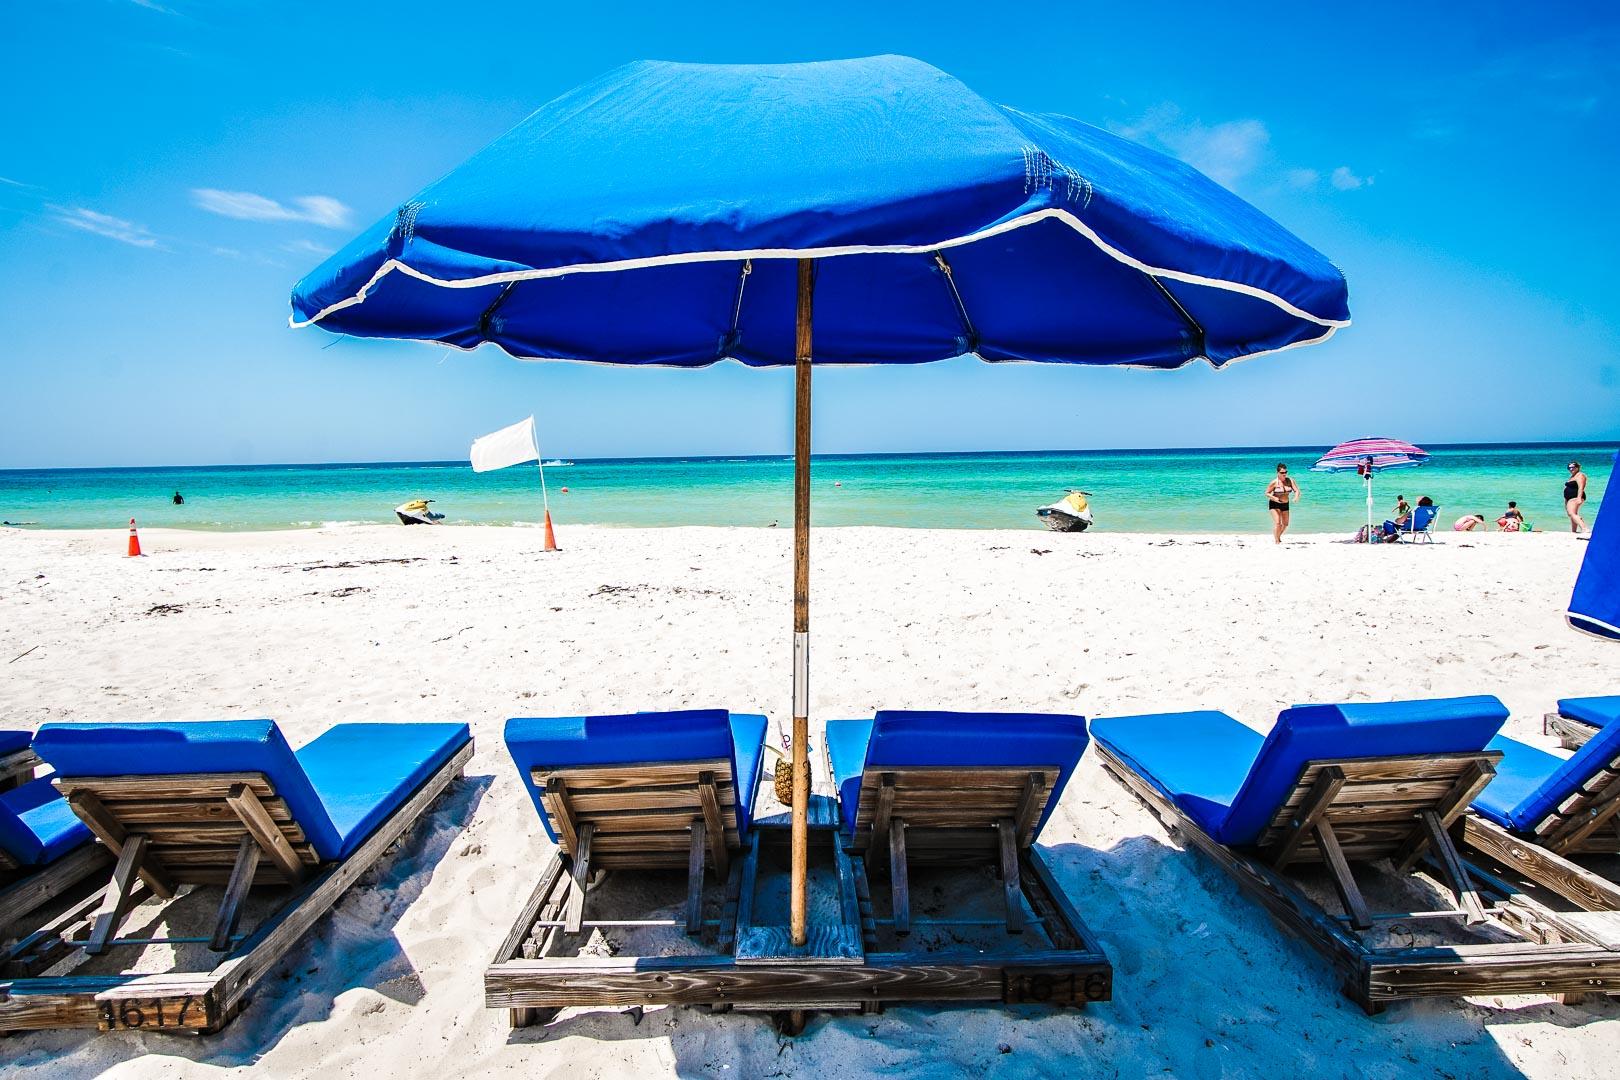 Beach chairs by the beach at VRI's Landmark Holiday Beach Resort in Panama City, Florida.